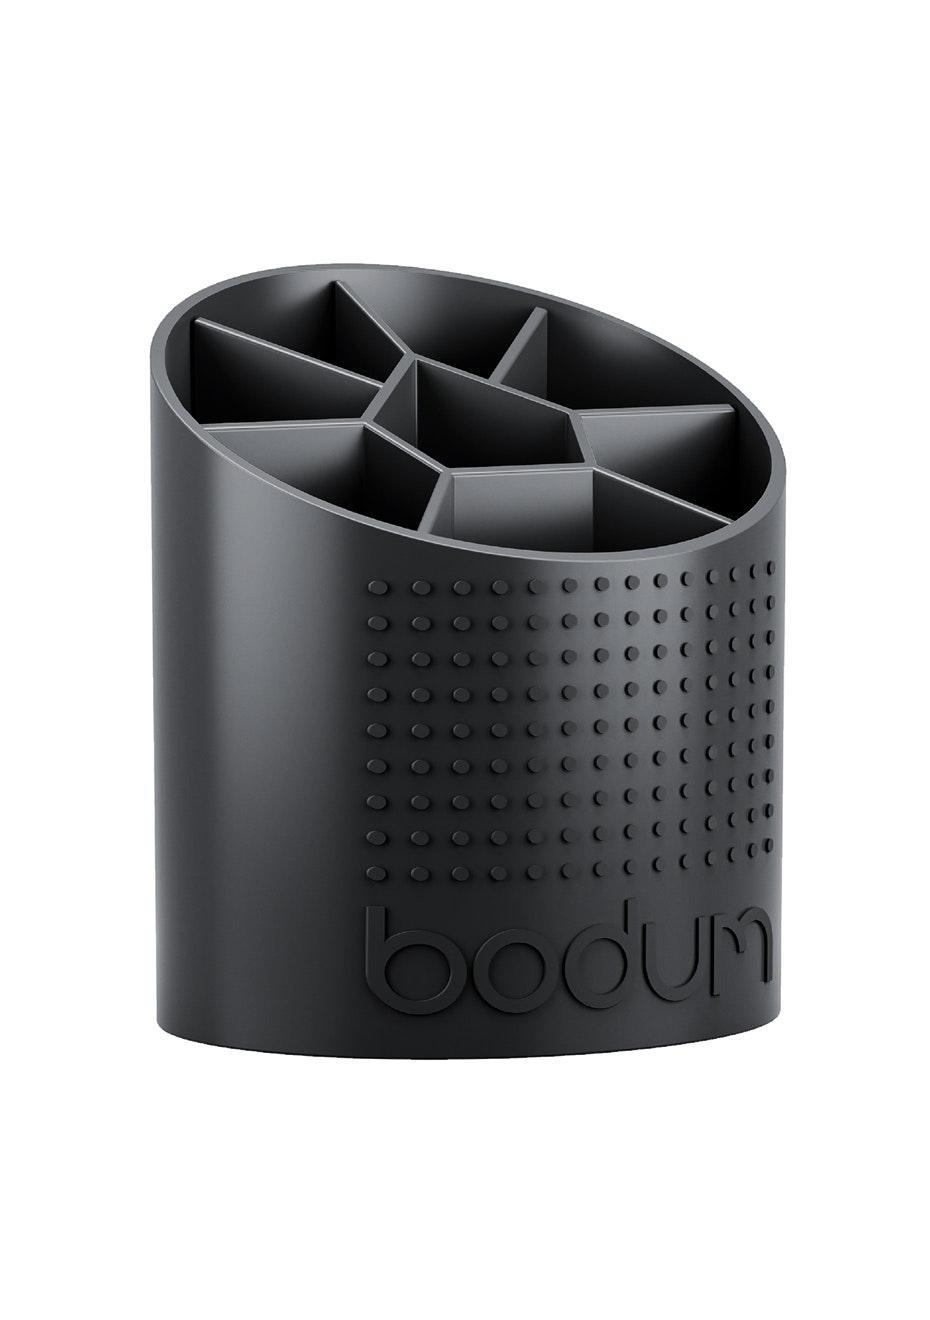 Bodum - Utensil Holder - Black